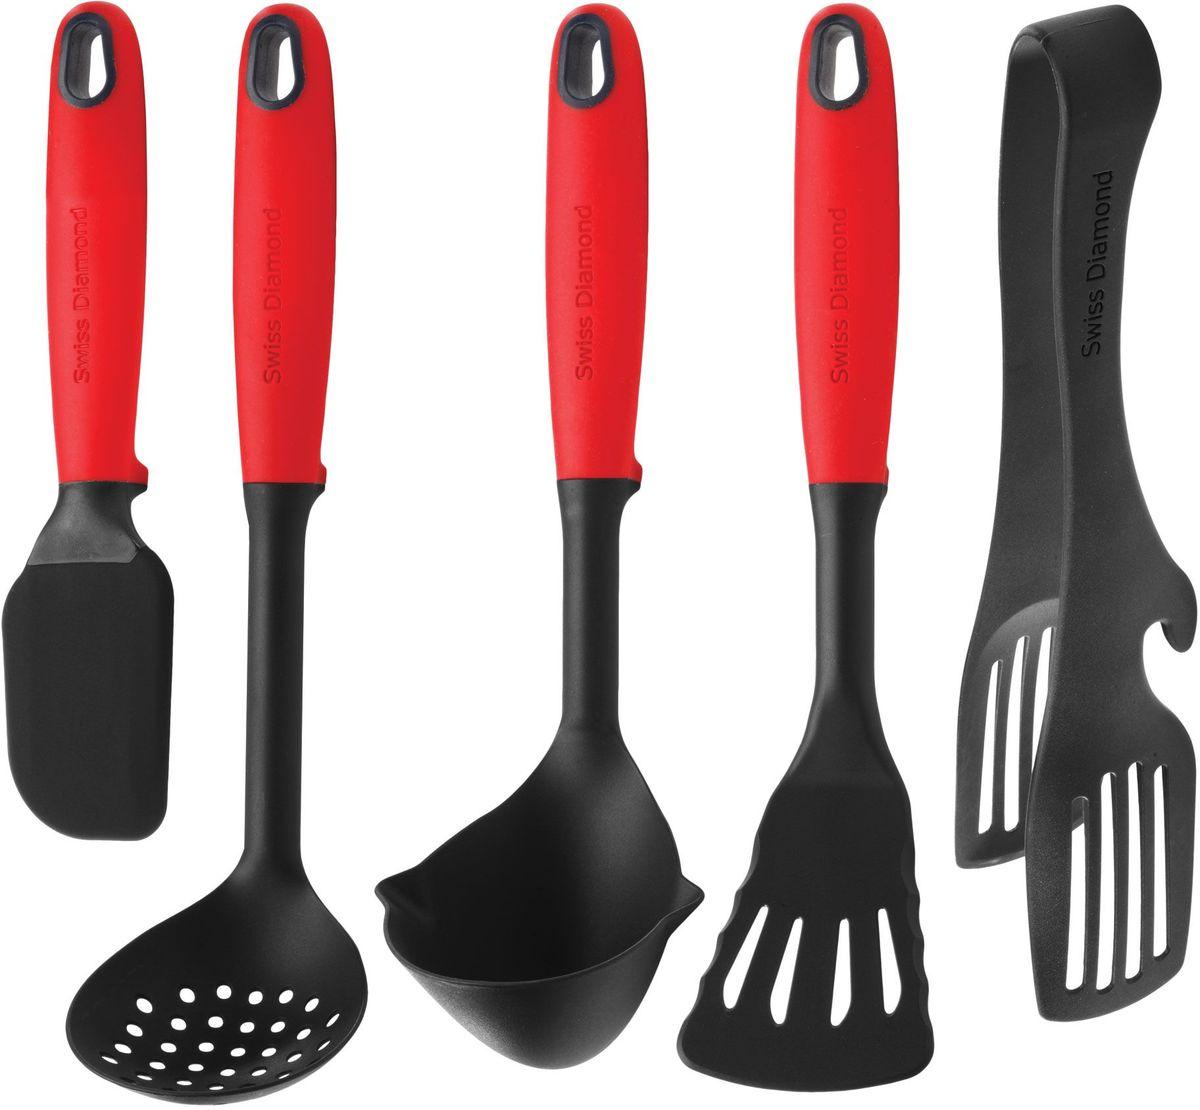 лучшая цена Кухонный набор SDTS02, Силикон, Пластик